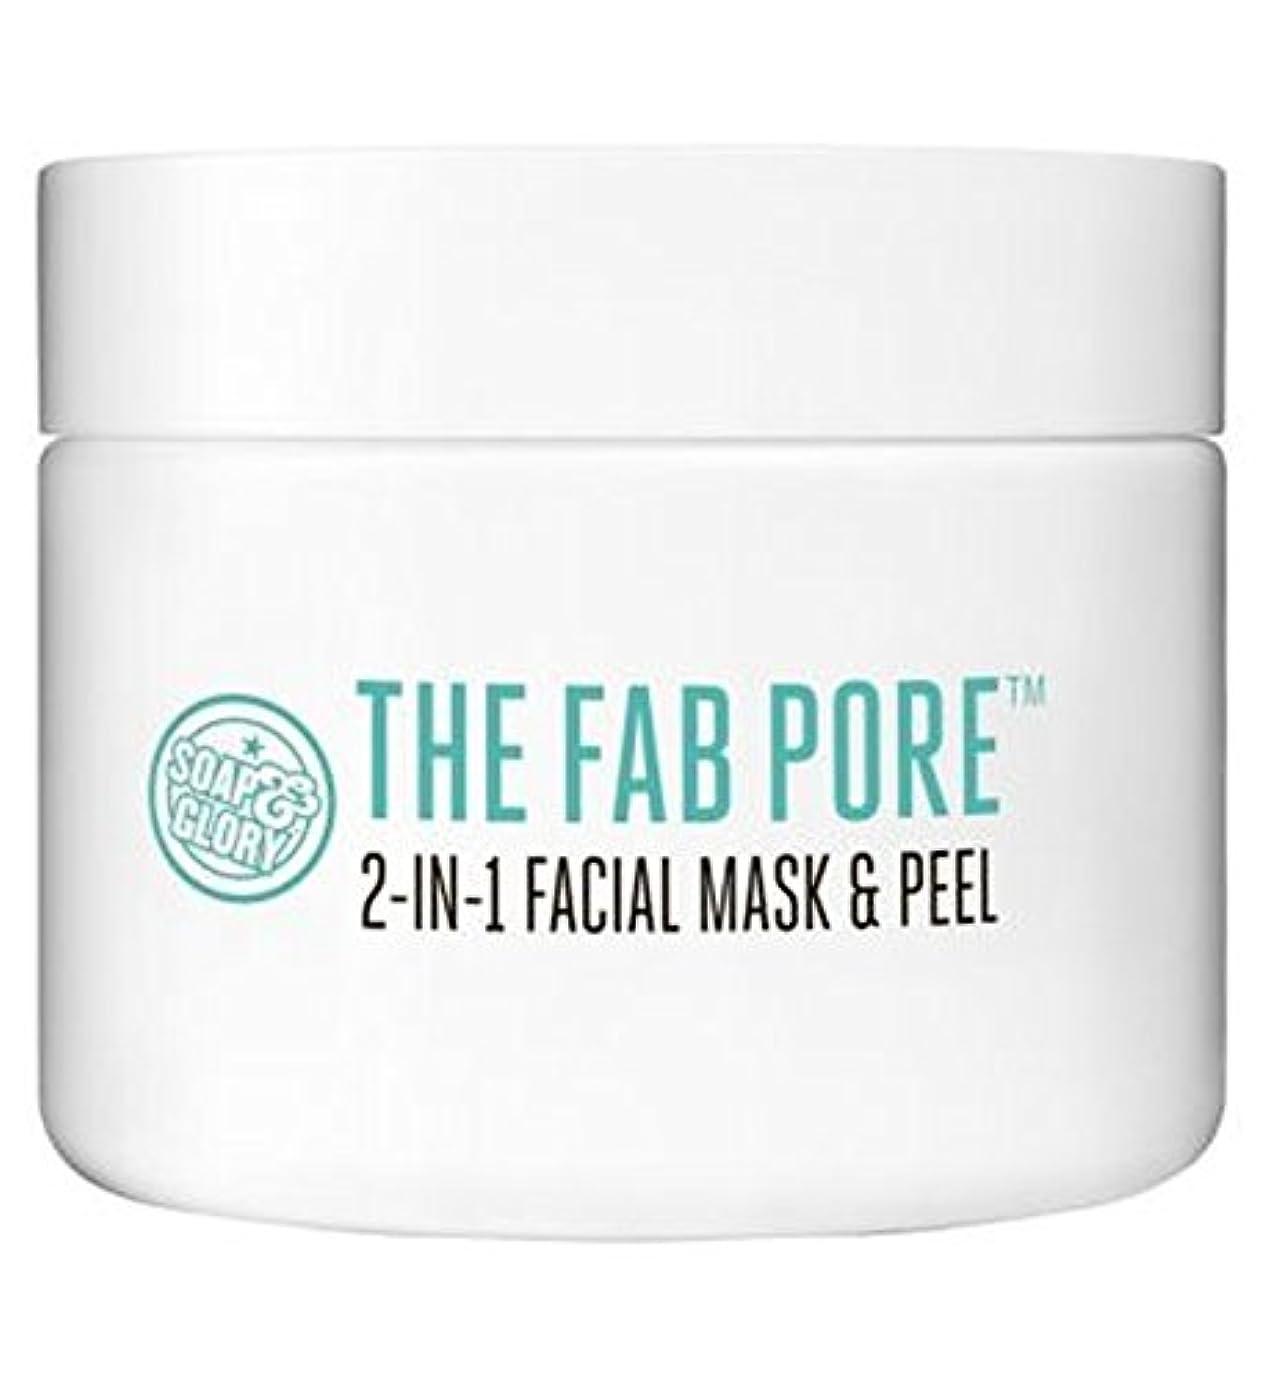 談話配管工中央値Soap & Glory? Fab Pore? 2-in-1 Facial Pore Purifying Mask & Peel - ファブ細孔?2イン1顔の細孔浄化マスク&ピール?石鹸&栄光 (Soap & Glory...